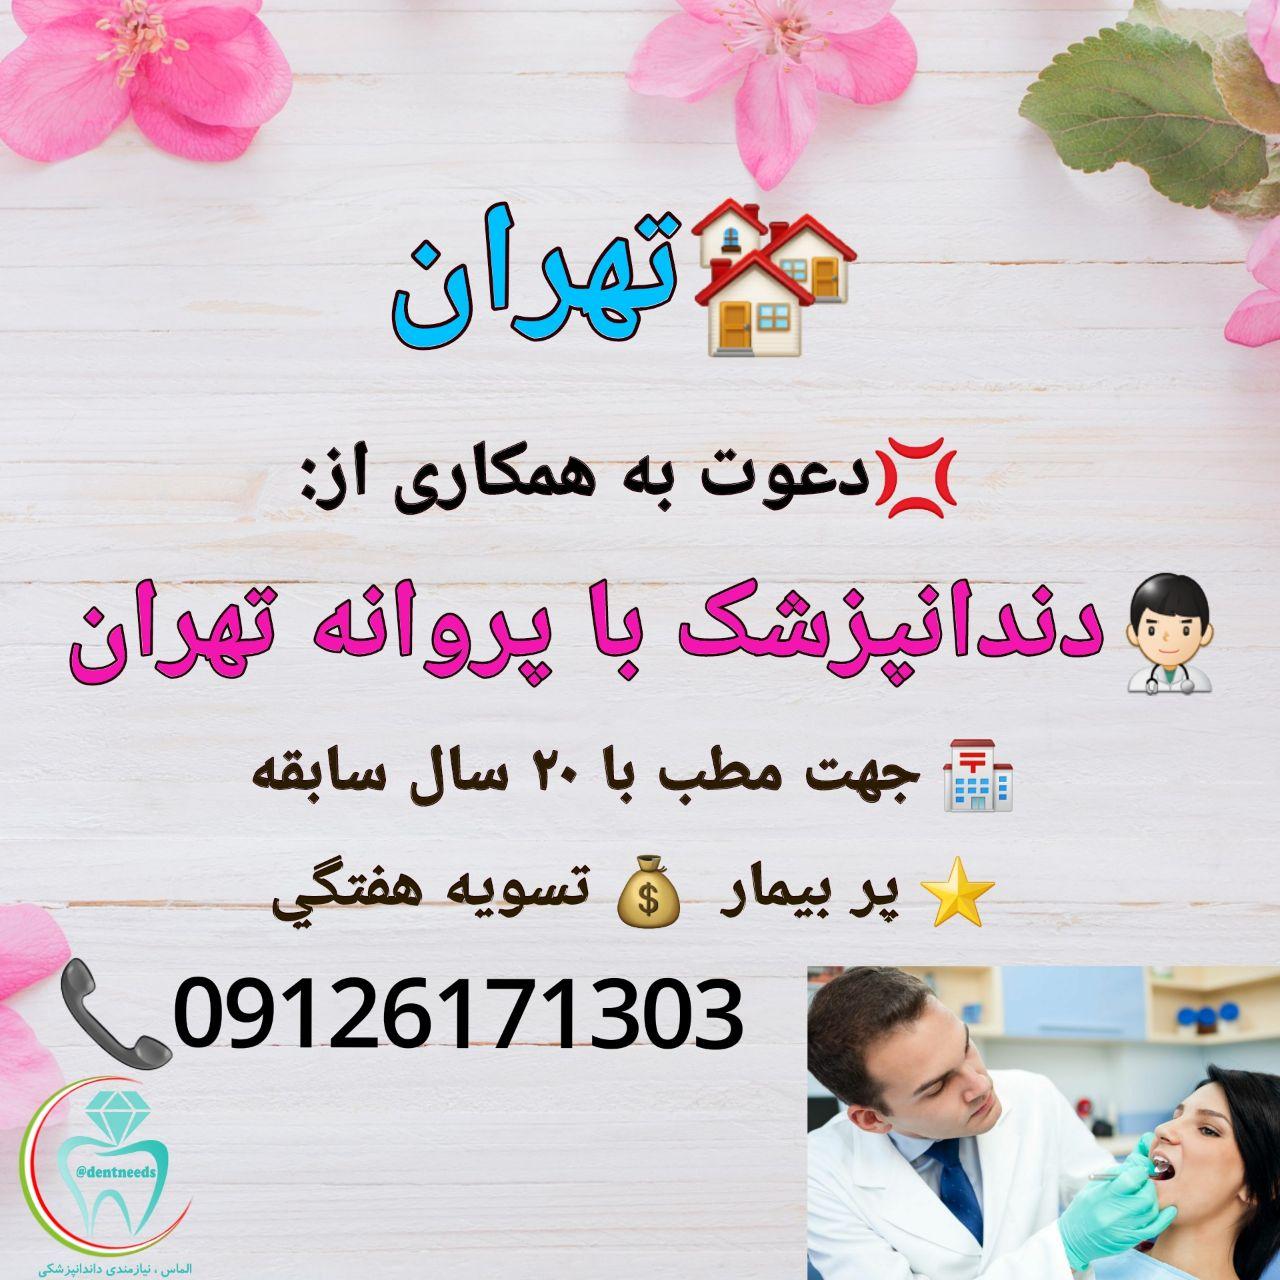 تهران: نیاز به دندانپزشک با پروانه تهران